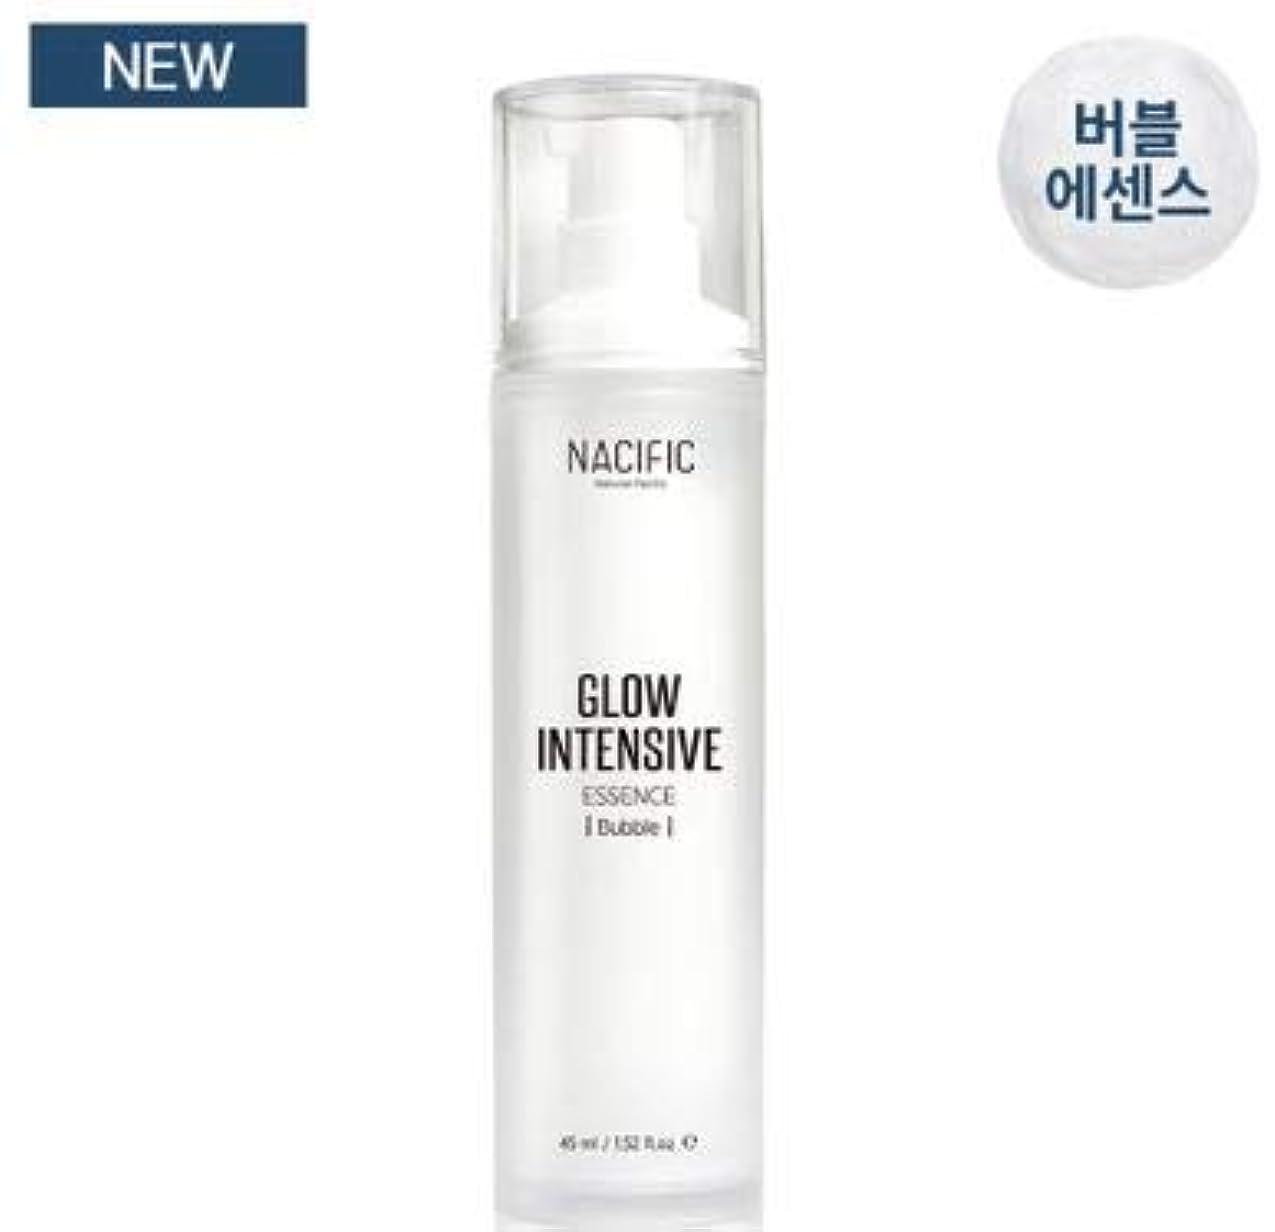 完璧シーケンススチュワード[NACIFIC] Glow Intensive Bubble Essence 45ml/[ナシフィック]グローインテンシブバブルエッセンス45ml [並行輸入品]